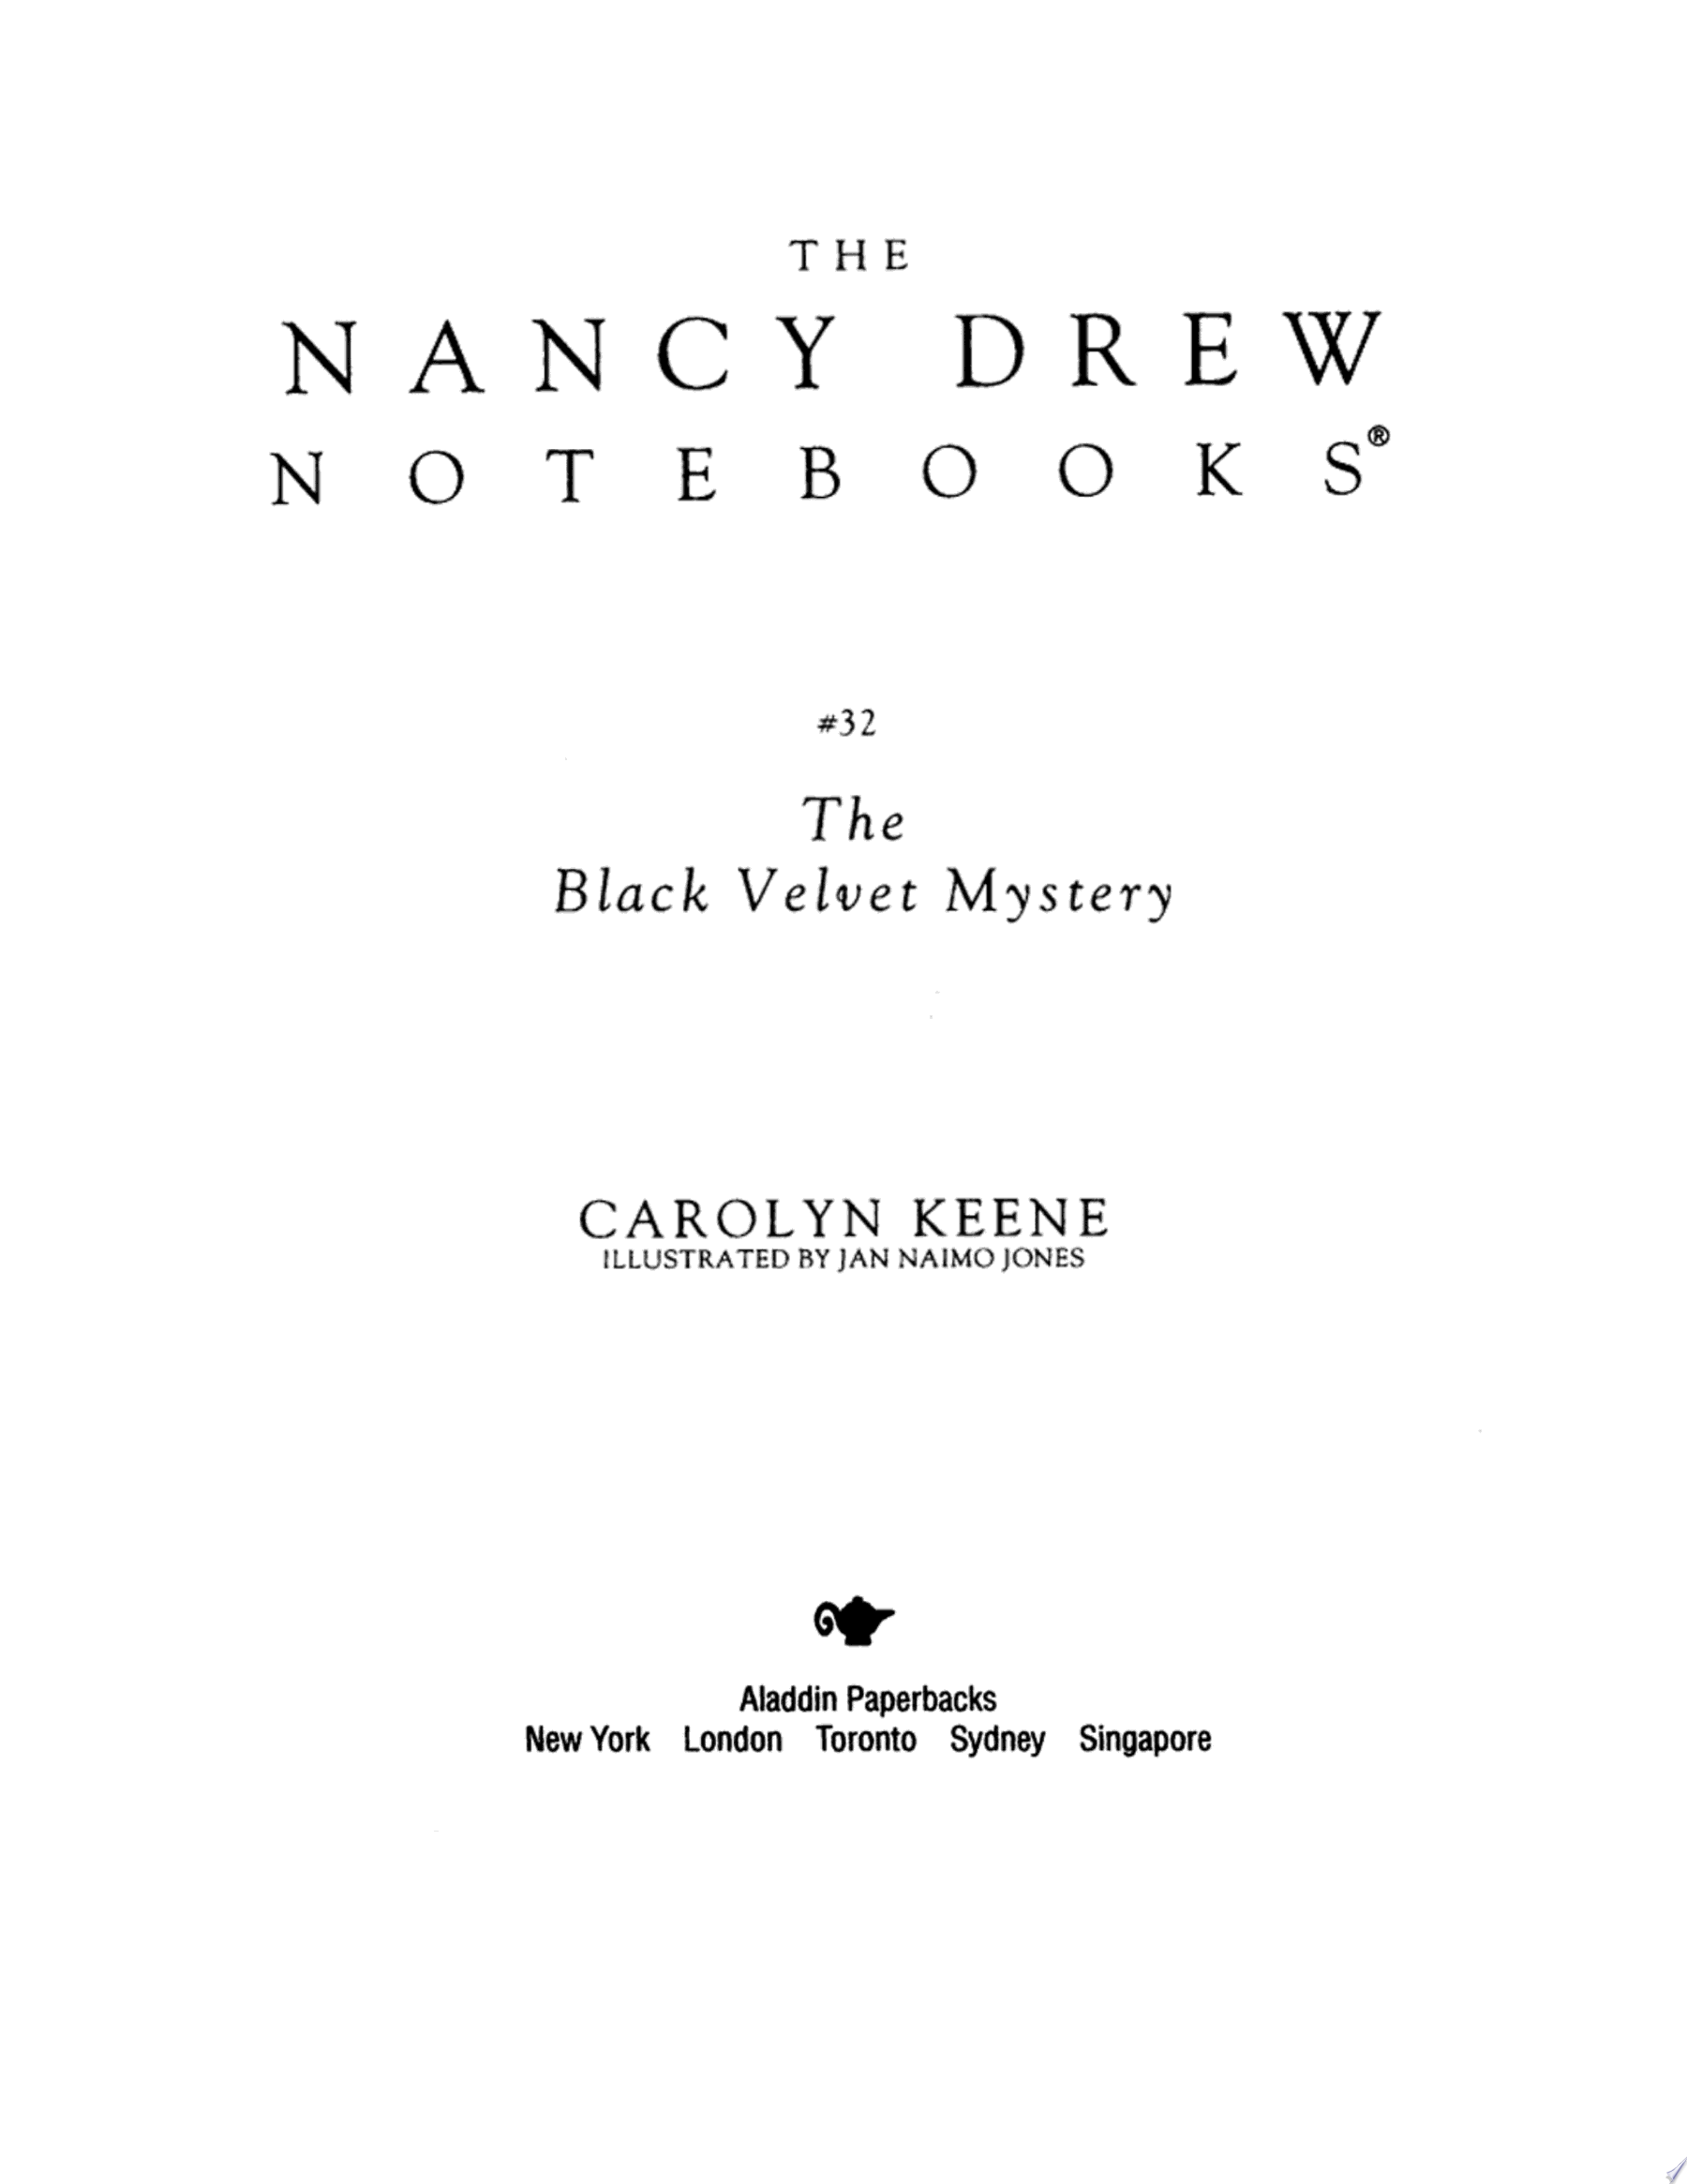 The Black Velvet Mystery